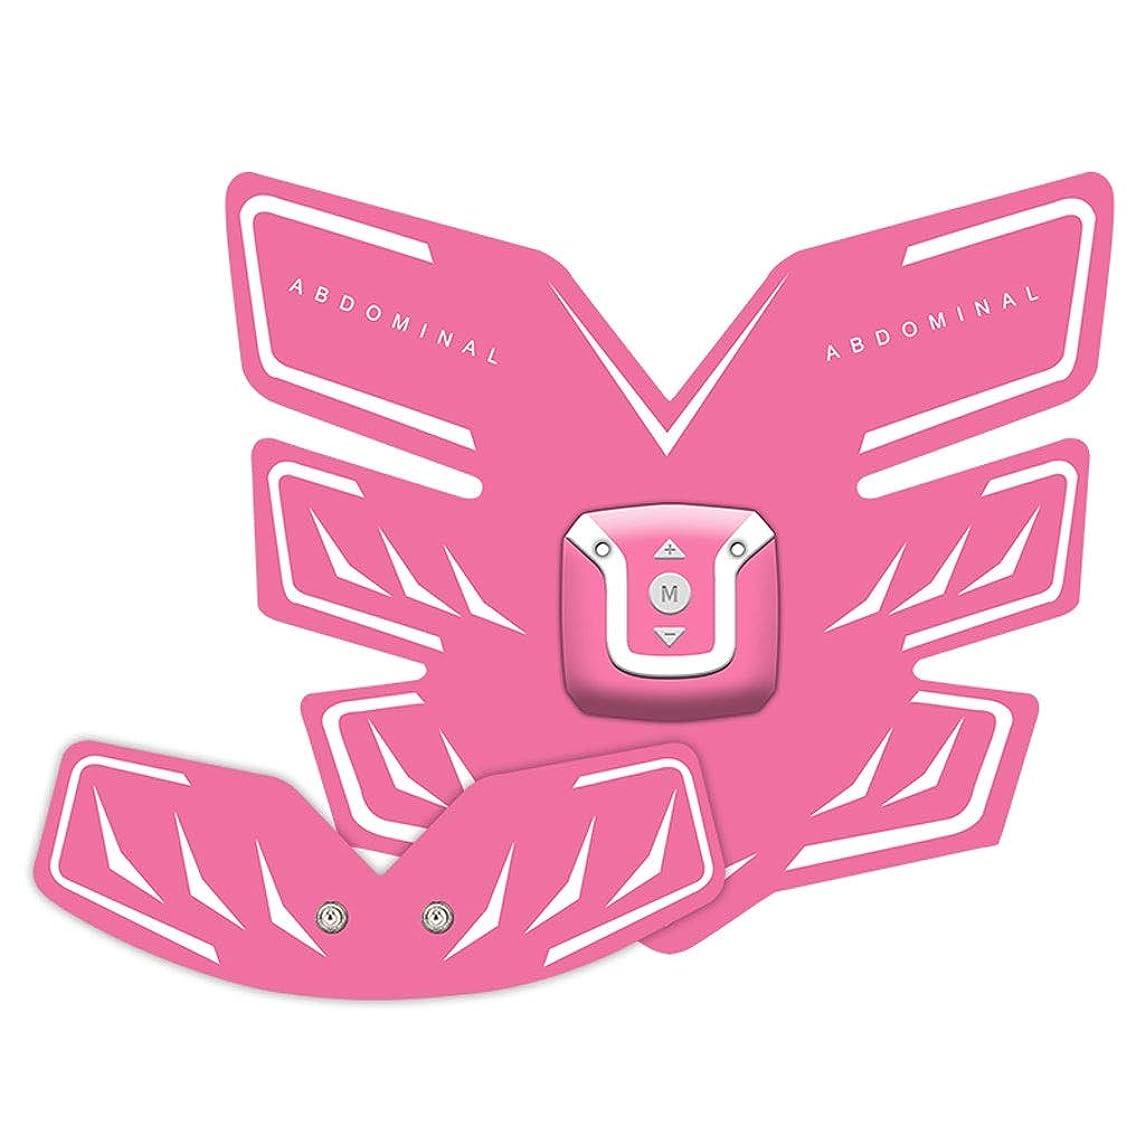 肺カビ試してみるUsb充電筋肉トナー腹筋absシミュレータ腹部トレーニングワイヤレスemsトレーニングホームオフィス用腹部腕脚トレーニングホームオフィスエクササイズ (Color : Pink, Size : A+B)